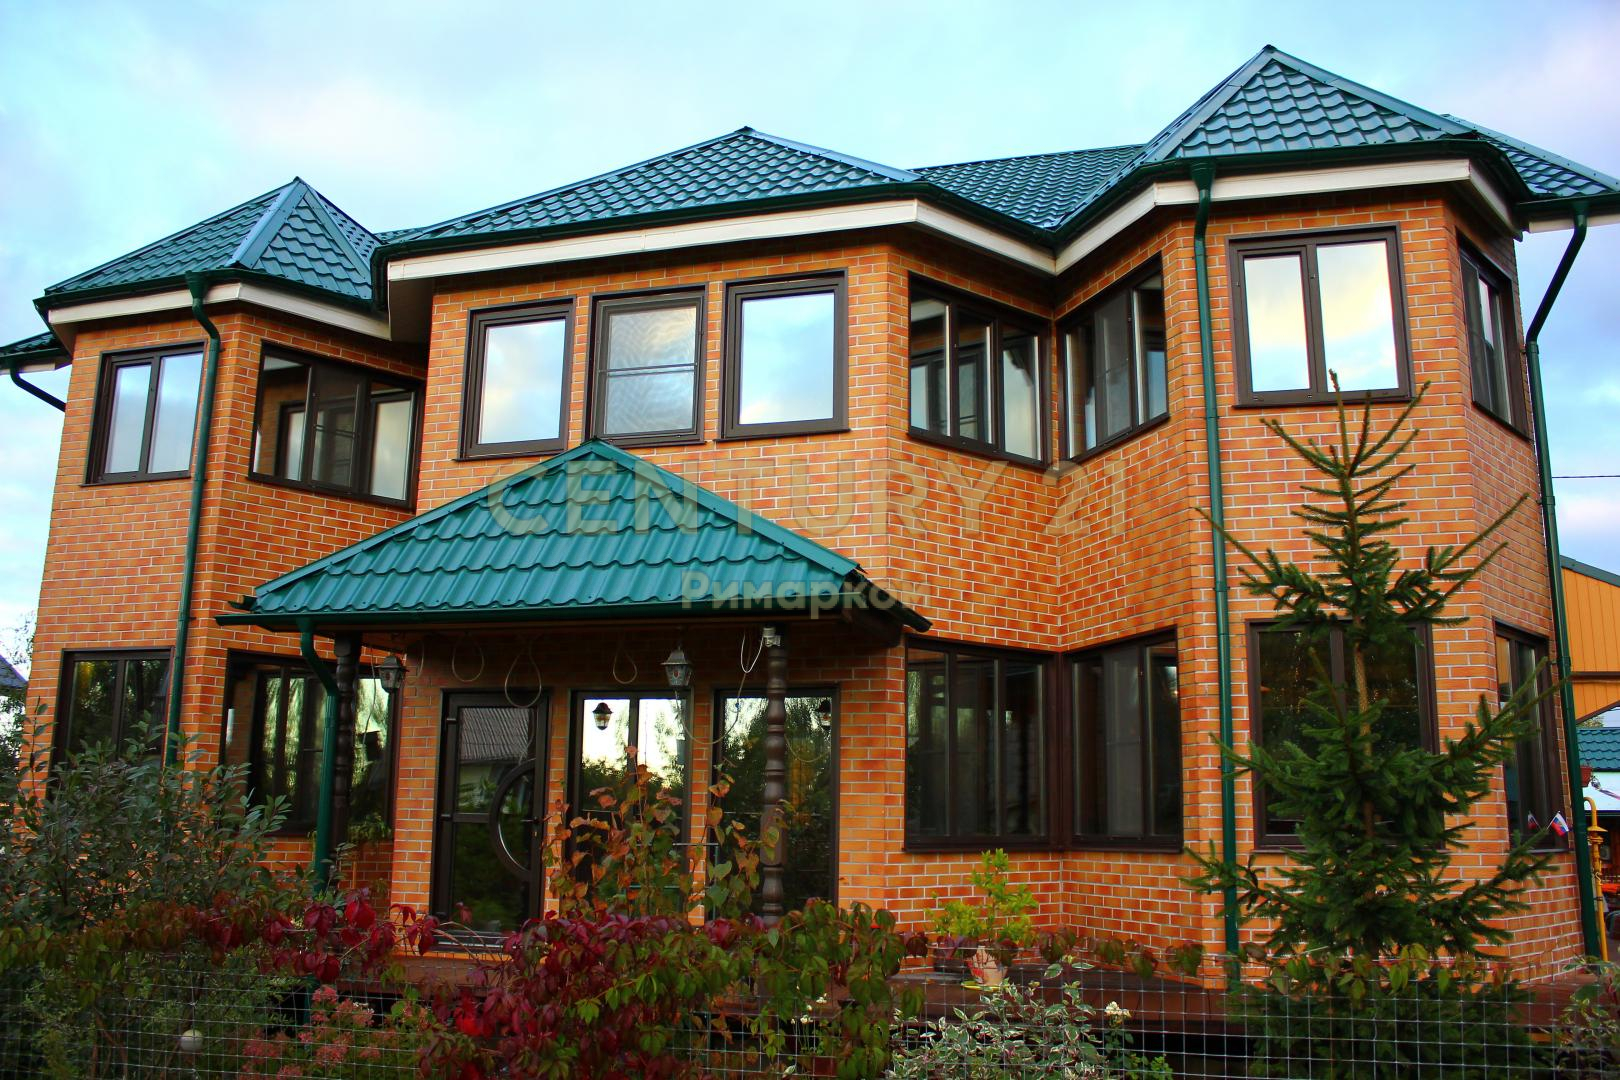 Продам дом по адресу Россия, Троицкий административный округ, Каменка фото 0 по выгодной цене